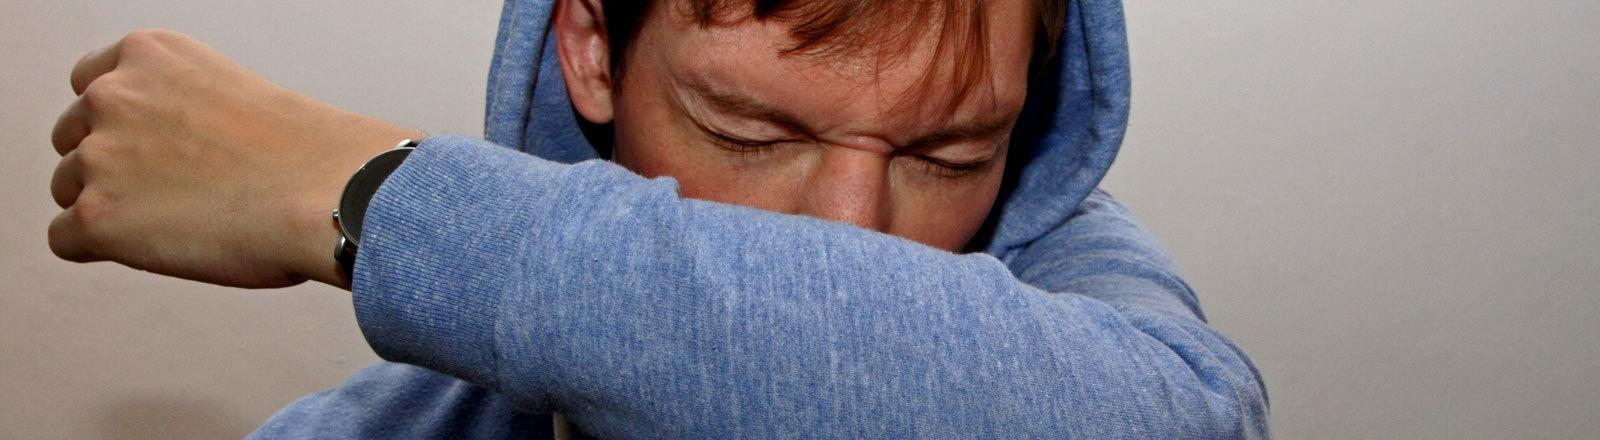 Ein Mann niest in seinen Arm